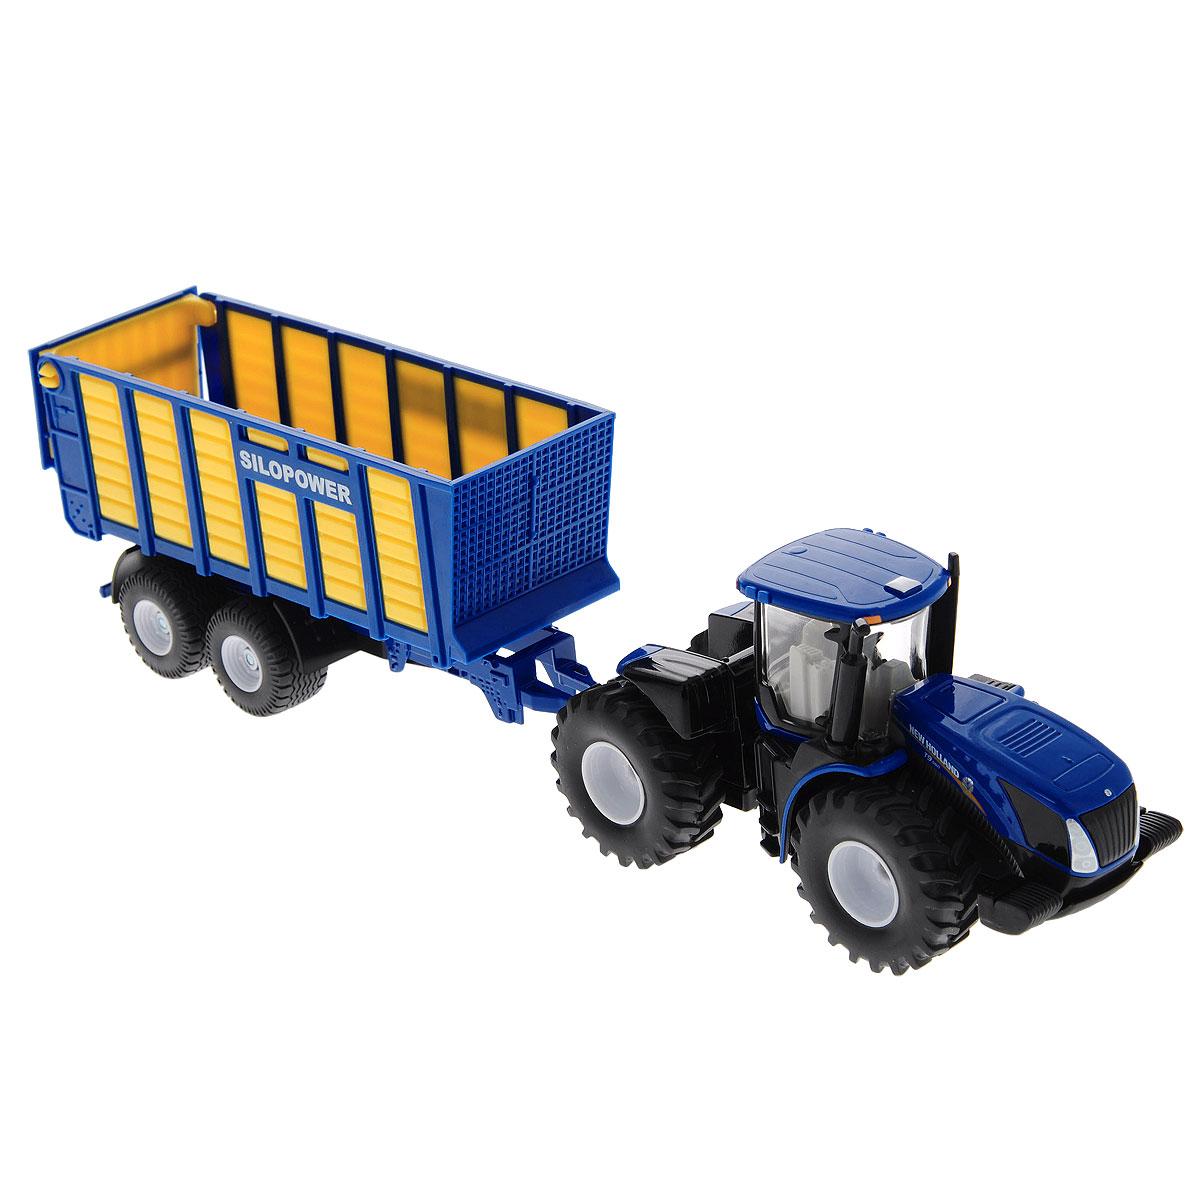 Siku Трактор New Holland T с прицепом siku внедорожник jeep wrangler с прицепом для перевозки лошадей